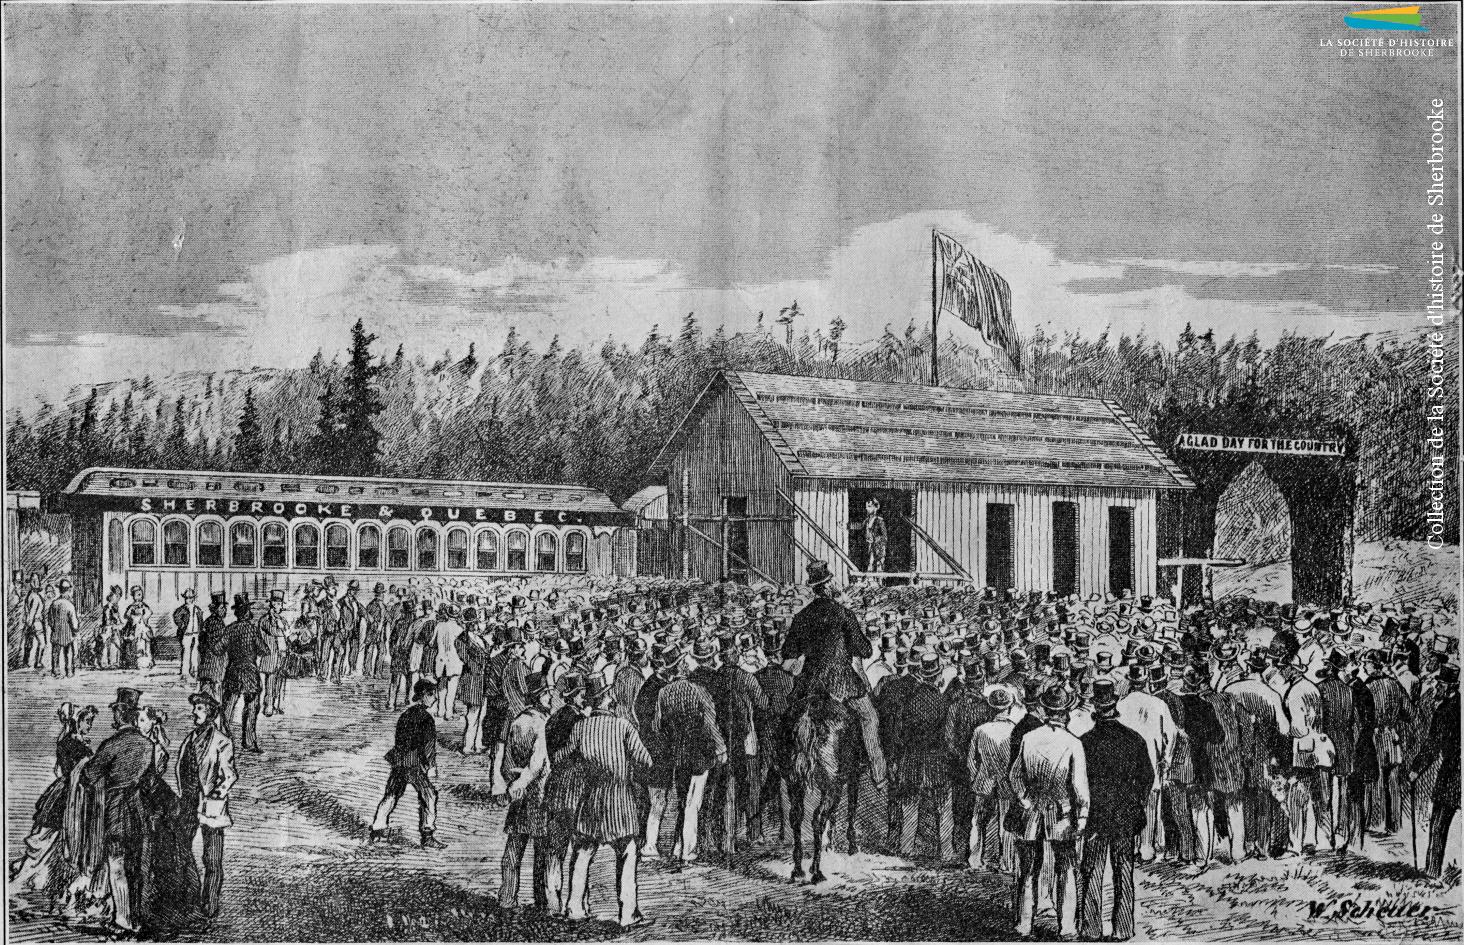 Gravure représentant l'inauguration de la ligne entre Sherbrooke et Westbury du Sherbrooke, Eastern Townships and Kennebec Railway, le 7 novembre 1874. Ce projet, porté par le maire Joseph Robertson, relie Sherbrooke au canton de Weedon, puis se rend ultimement jusqu'à Lévis.